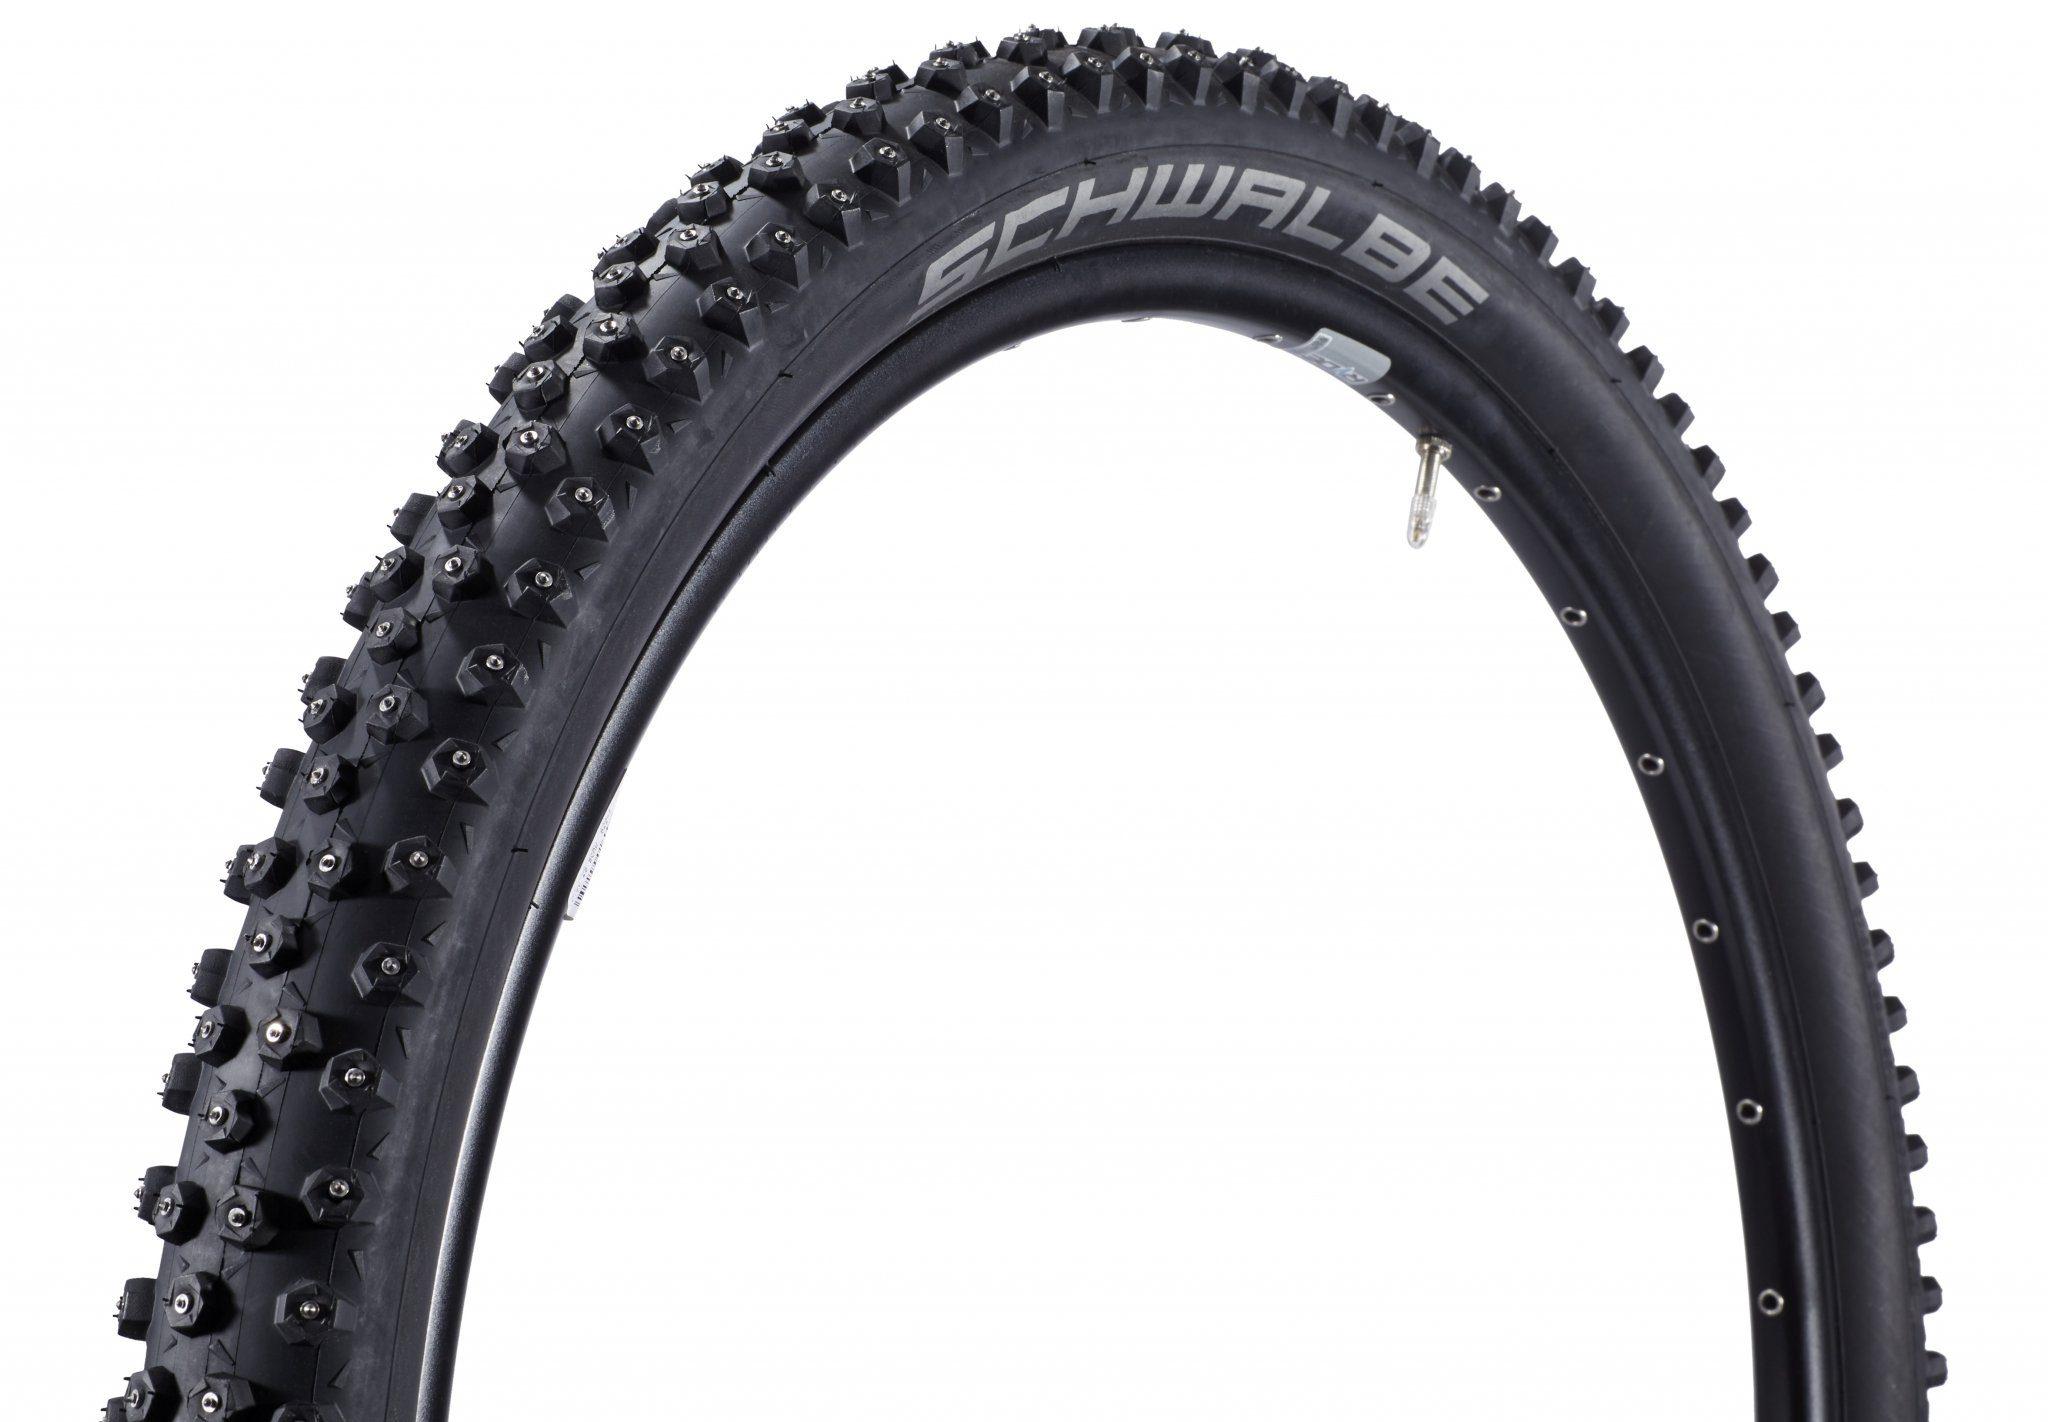 Schwalbe Fahrradreifen »Ice Spiker Pro EVO 29 x 2.25 Winter LiteSkin«